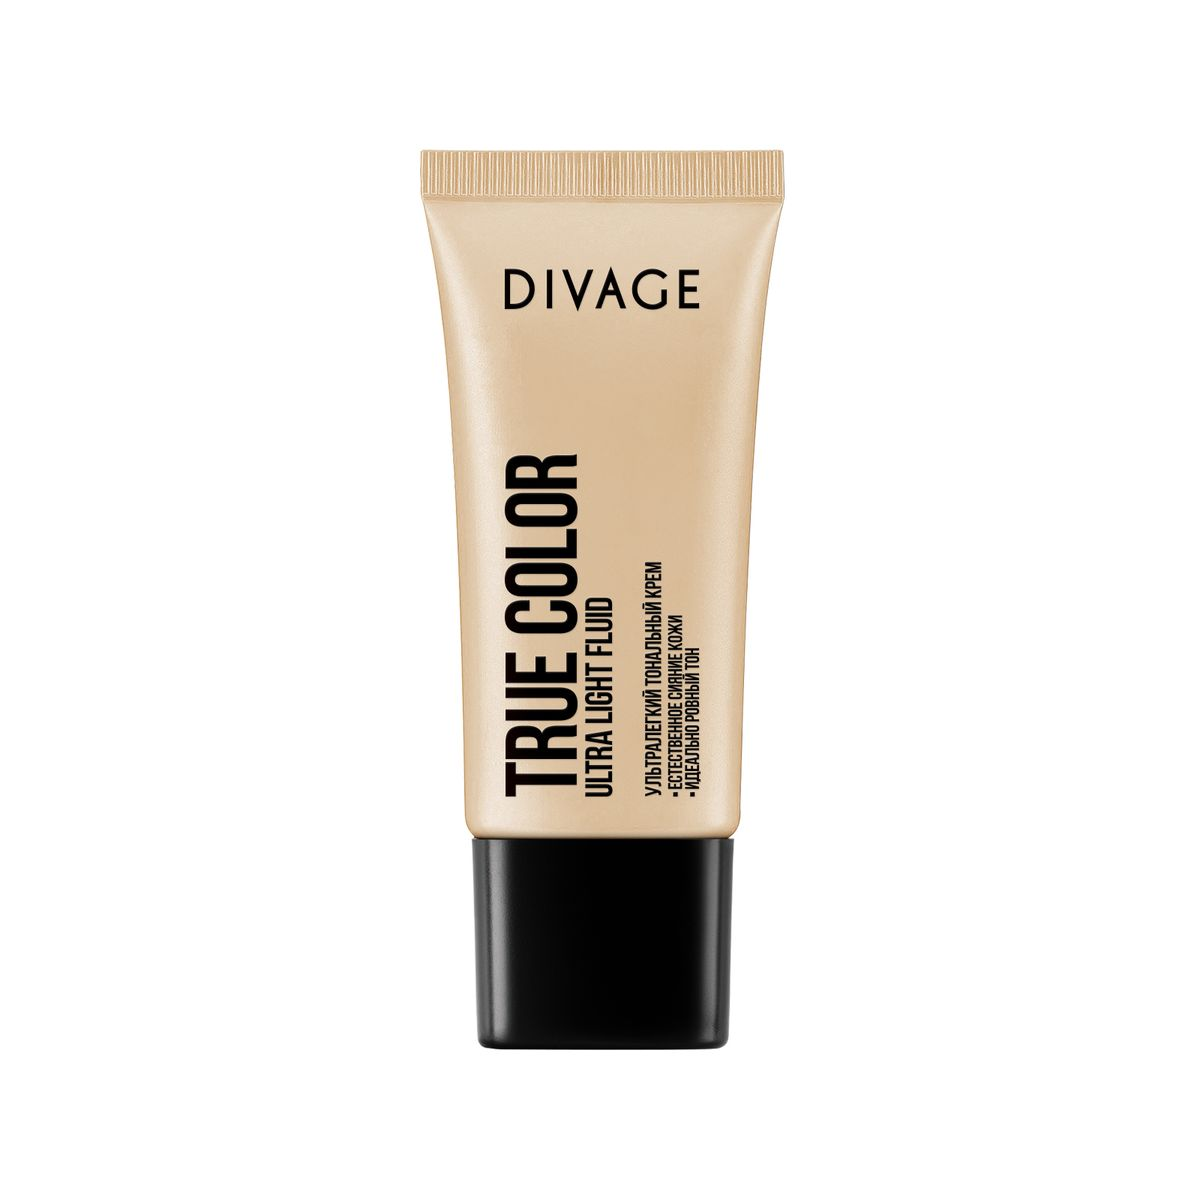 DIVAGE Тональный крем TRUE COLOR, тон № 03, 30 мл219593Невидимая и лёгкая тональная основа с прозрачной водянистой текстурой эффективно увлажняет и освежает кожу. Влага наполняет клетки и хорошо удерживается в поверхности кожи. Масло авокадо и витамины Е помогают клеткам кожи противостоять вредным воздействиям окружающей среды. Хорошо увлажнённая и защищённая кожа выглядит свежей, ухоженной и ровной без ощущения маски на лице. Красивая кожа лица - секрет идеального макияжа и залог твоего хорошего настроения, поэтому выбору тонального крема стоит уделить особое внимание! Выбирай тональный крем в соответствии с твоим типом кожи. Наносить тональный крем лучше от центра лица, двигаясь к периферии. Ты можешь выбрать для нанесения любой способ. Влажный спонж обеспечит максимально тонкий и равномерный слой тонального средства, кистью лучше получится выполнить более плотное покрытие, а нанесение пальчиками подарит естественный эффект. Совершенство возможно с DIVAGE!